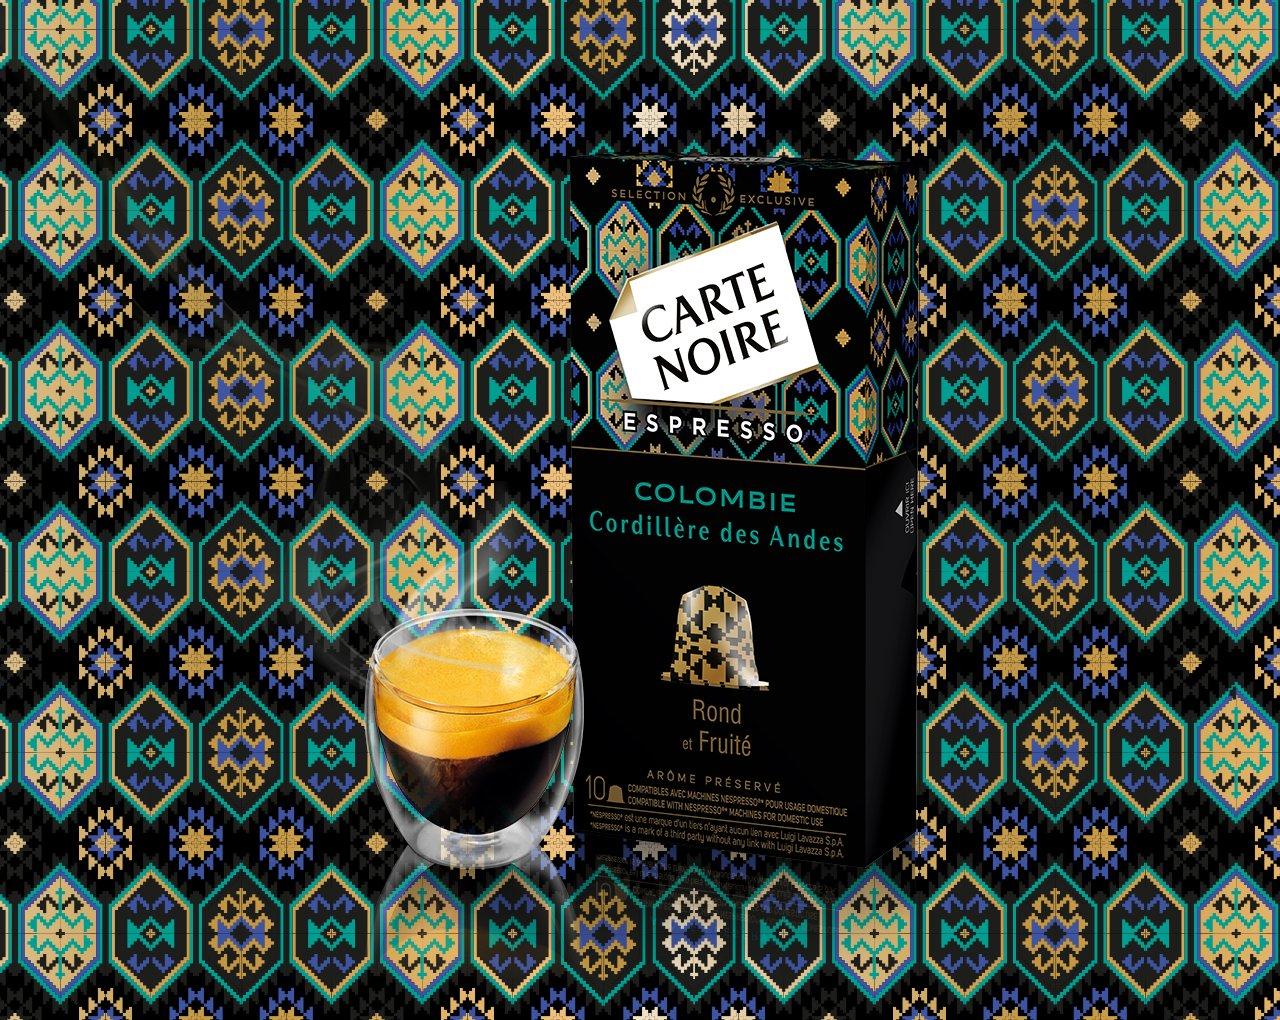 Colombie - Cordillere des Andes - Café torréfié moulu en capsules